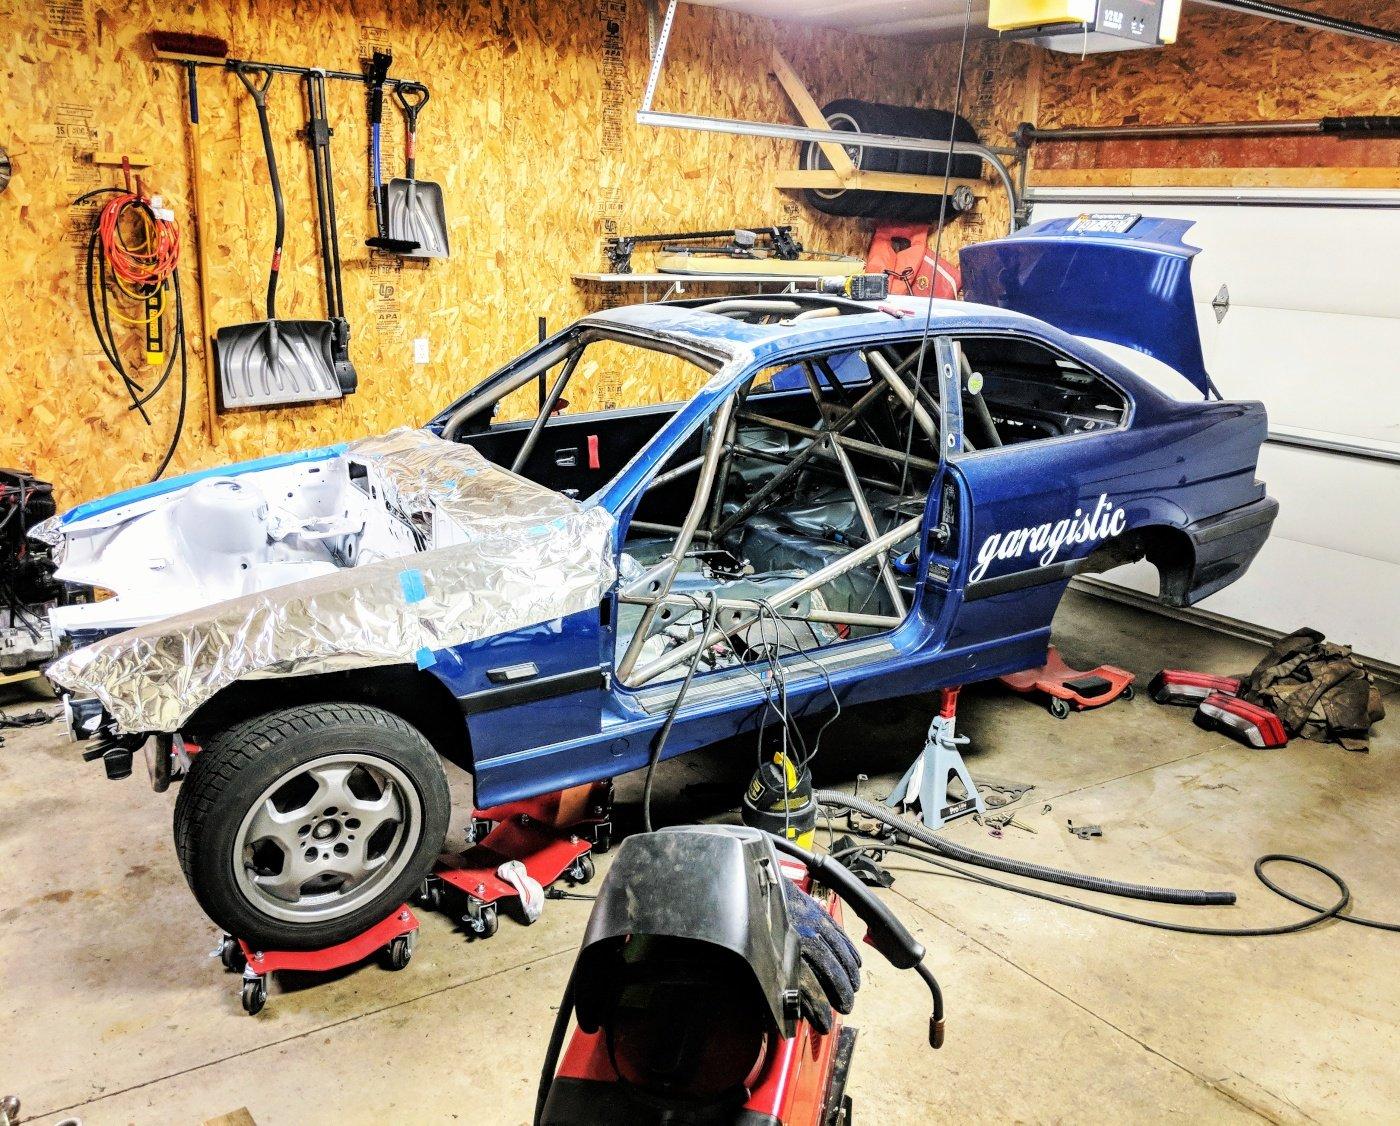 bmw-e36-caged-rally-car-build-2